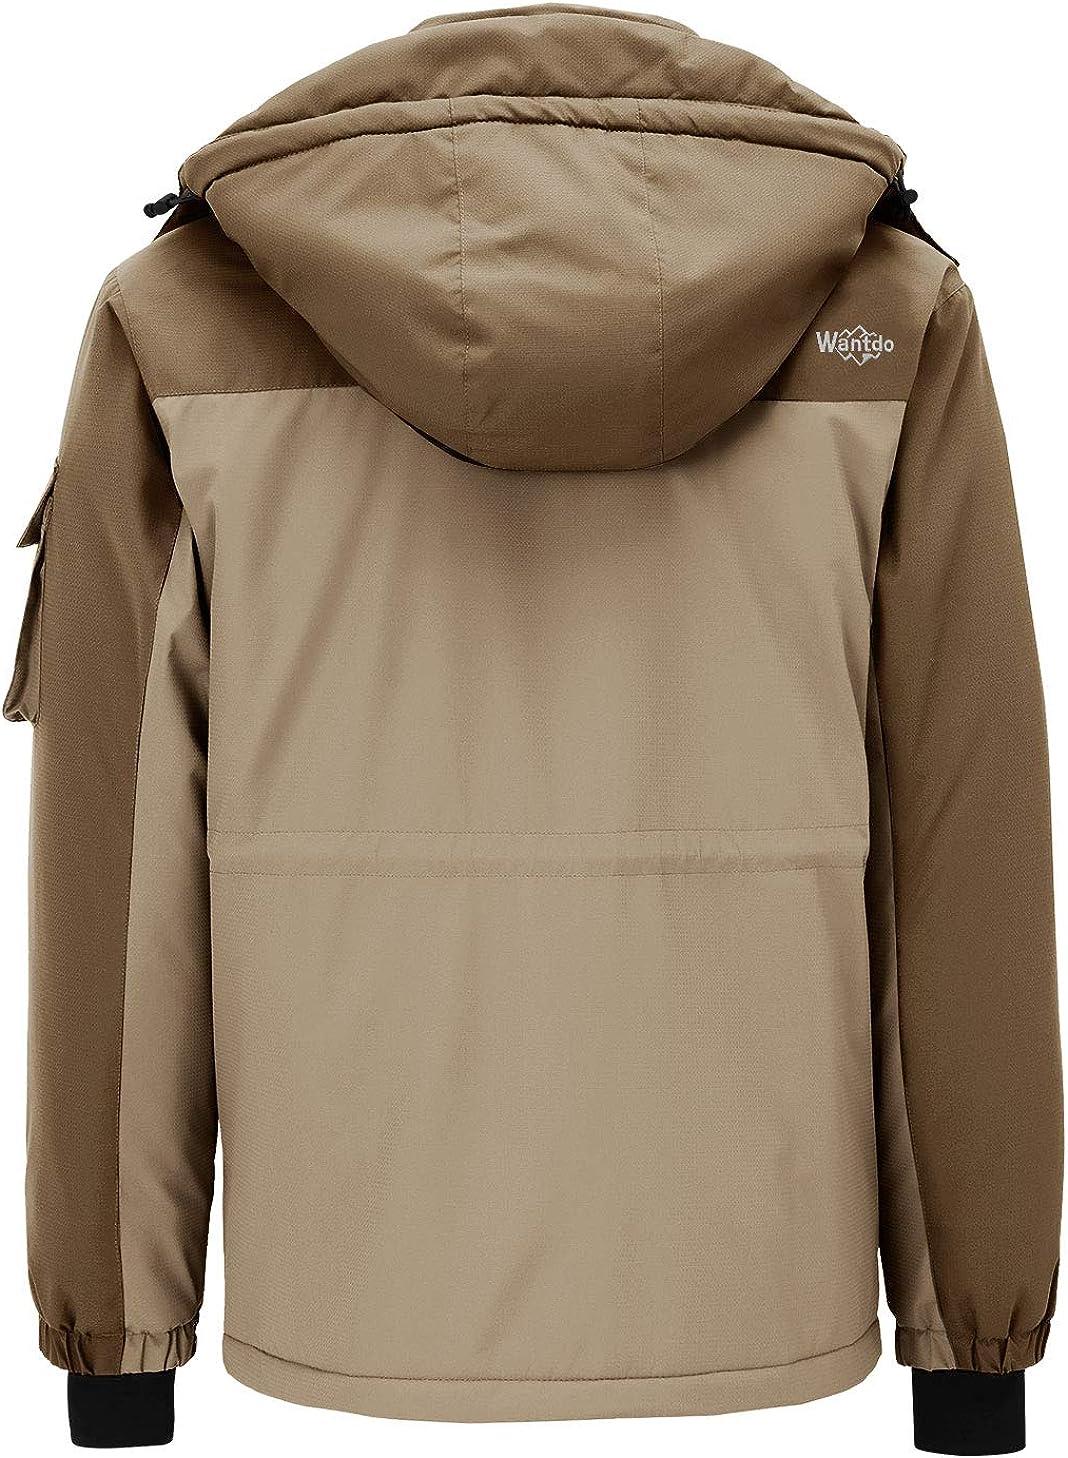 Wantdo Mens Hooded Ski Jacket Waterproof Rain Coat Windproof Winter Parka